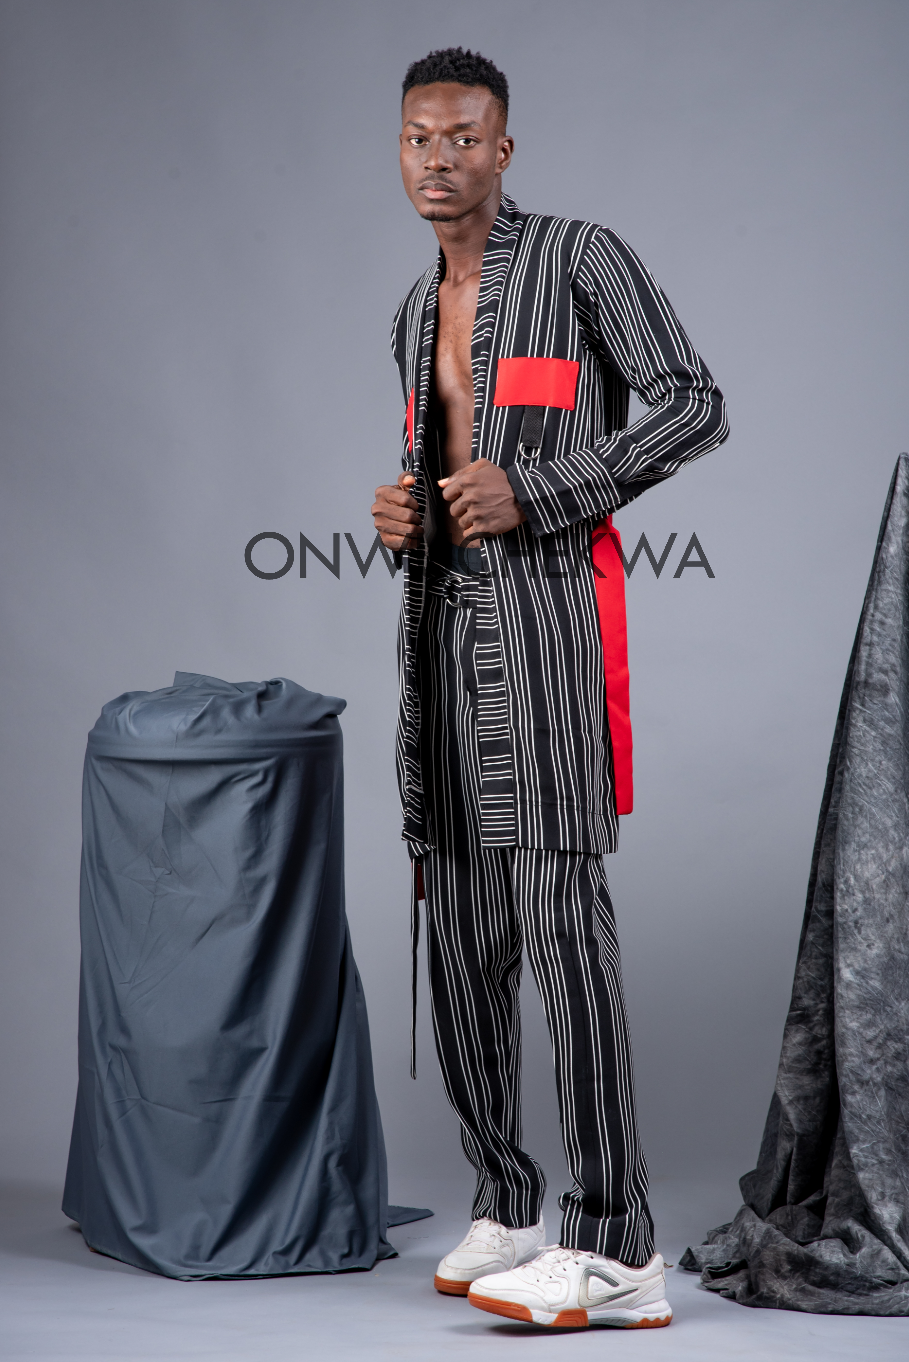 Onwuchekwa by Chikezie Daniel